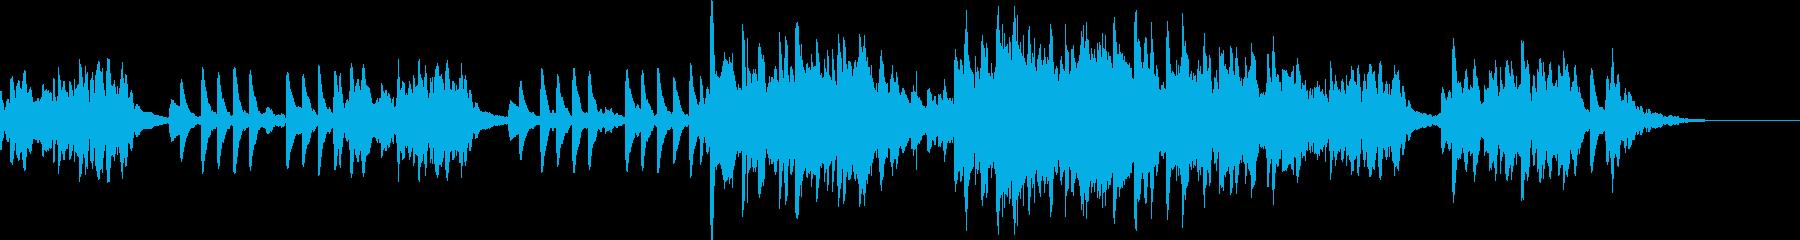 現代的 交響曲 アンビエント アク...の再生済みの波形